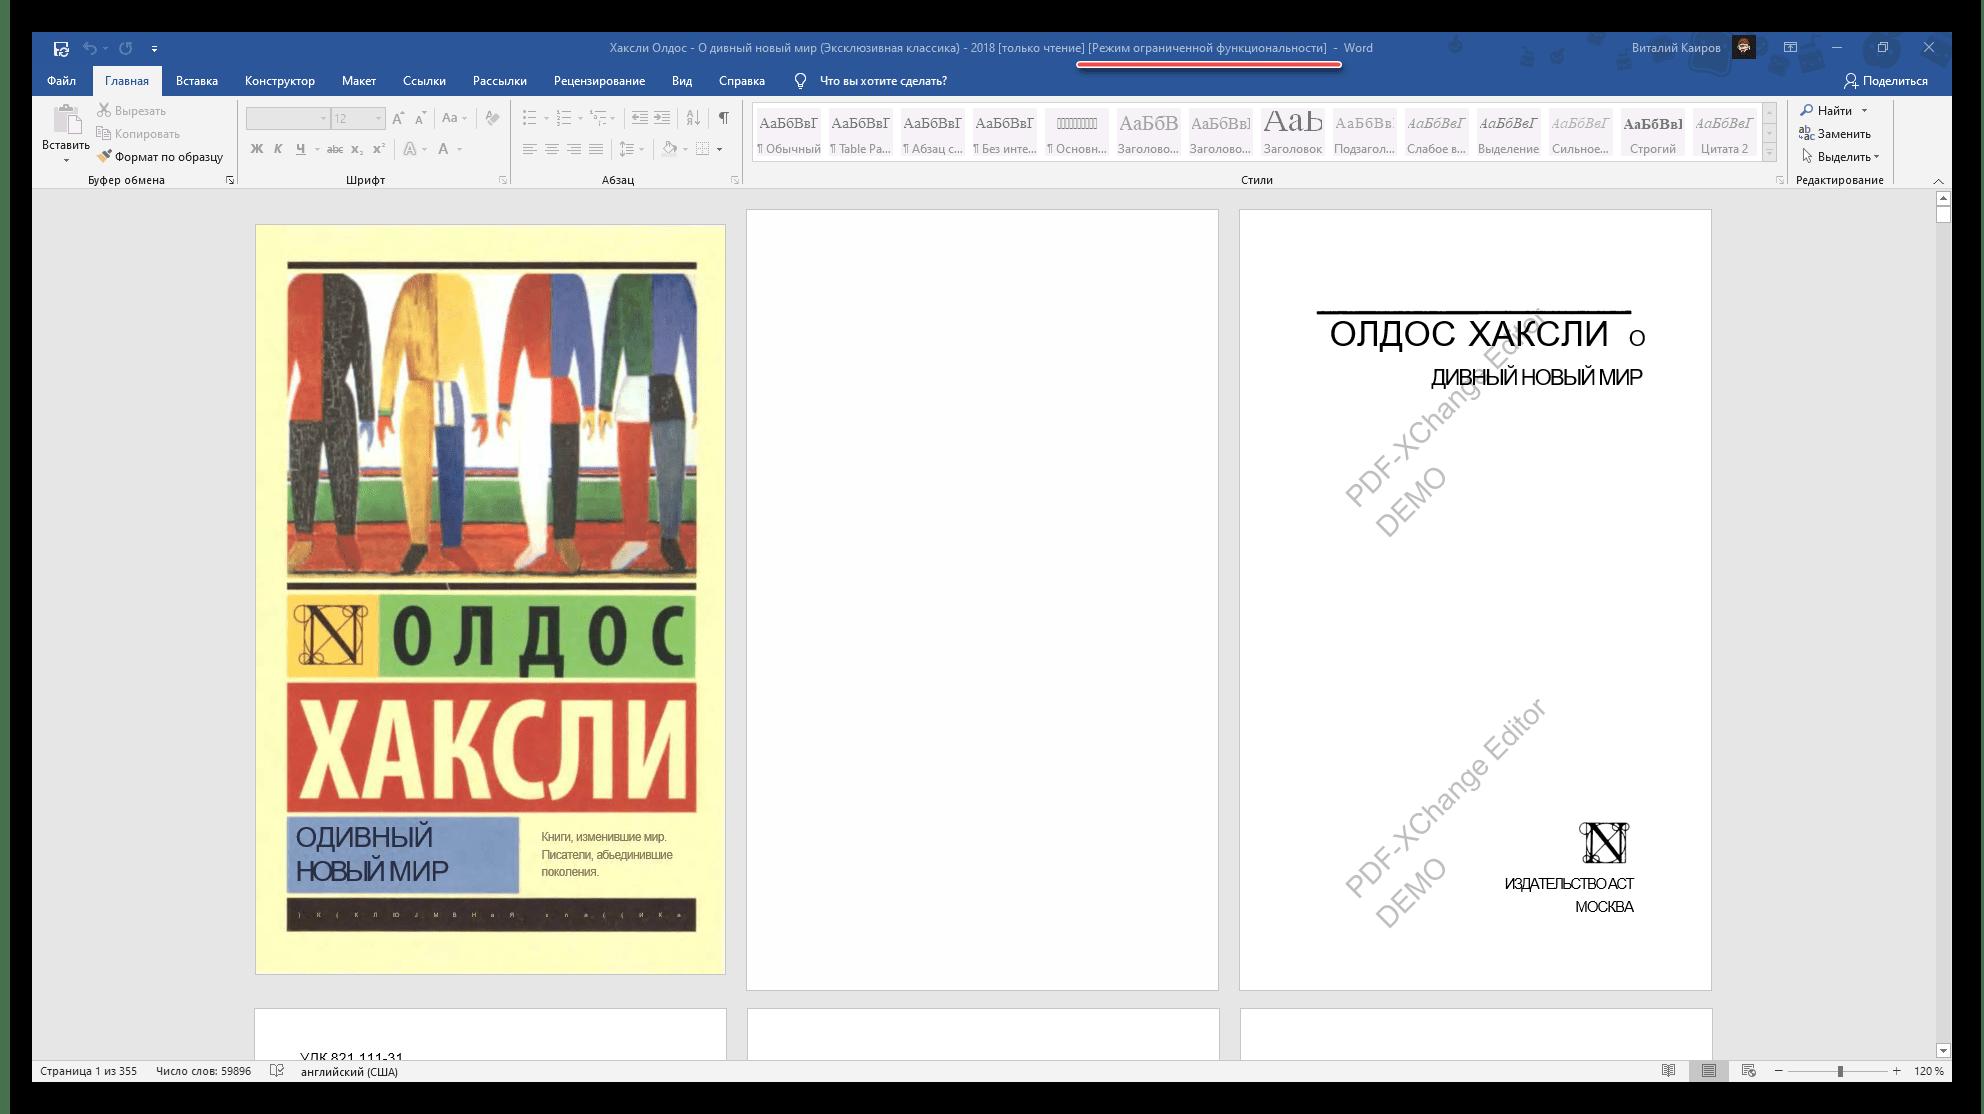 Конвертированный файл в формате PDF открыт в режиме ограниченной функциональности в Microsoft Word